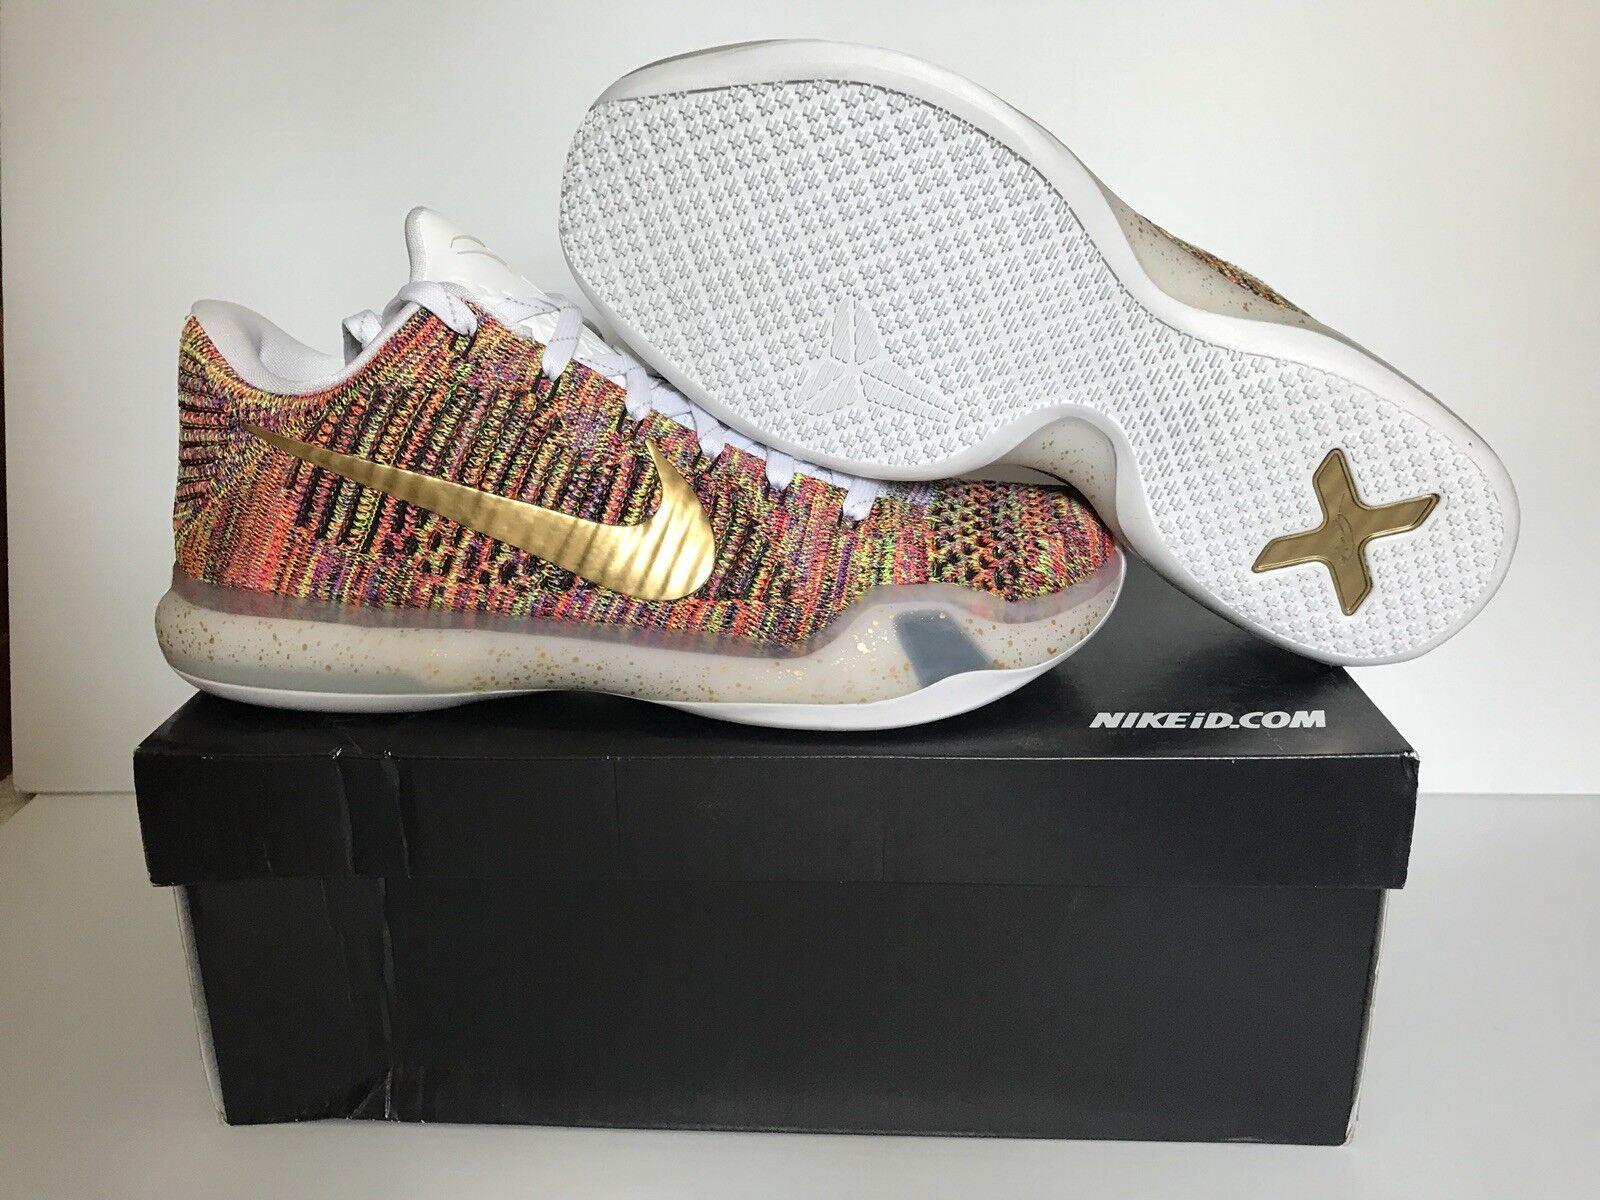 Nike air air Nike max 90 essenziale luce ossa / nero 537384-074 uomini scarpe da corsa 4750d4